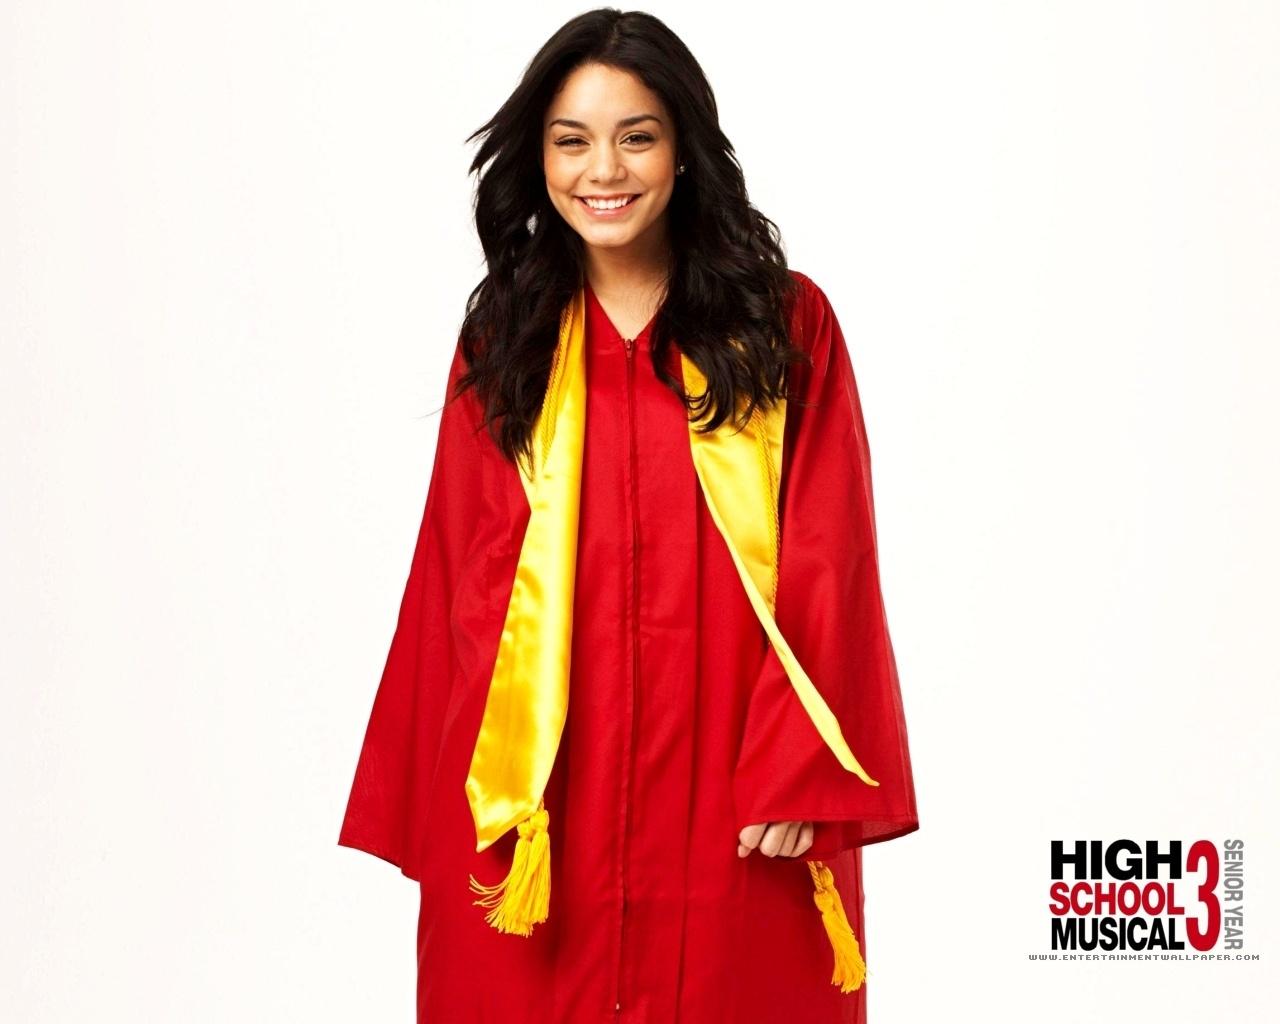 hsm3 - High School Musical 3 Wallpaper (4048494) - Fanpop